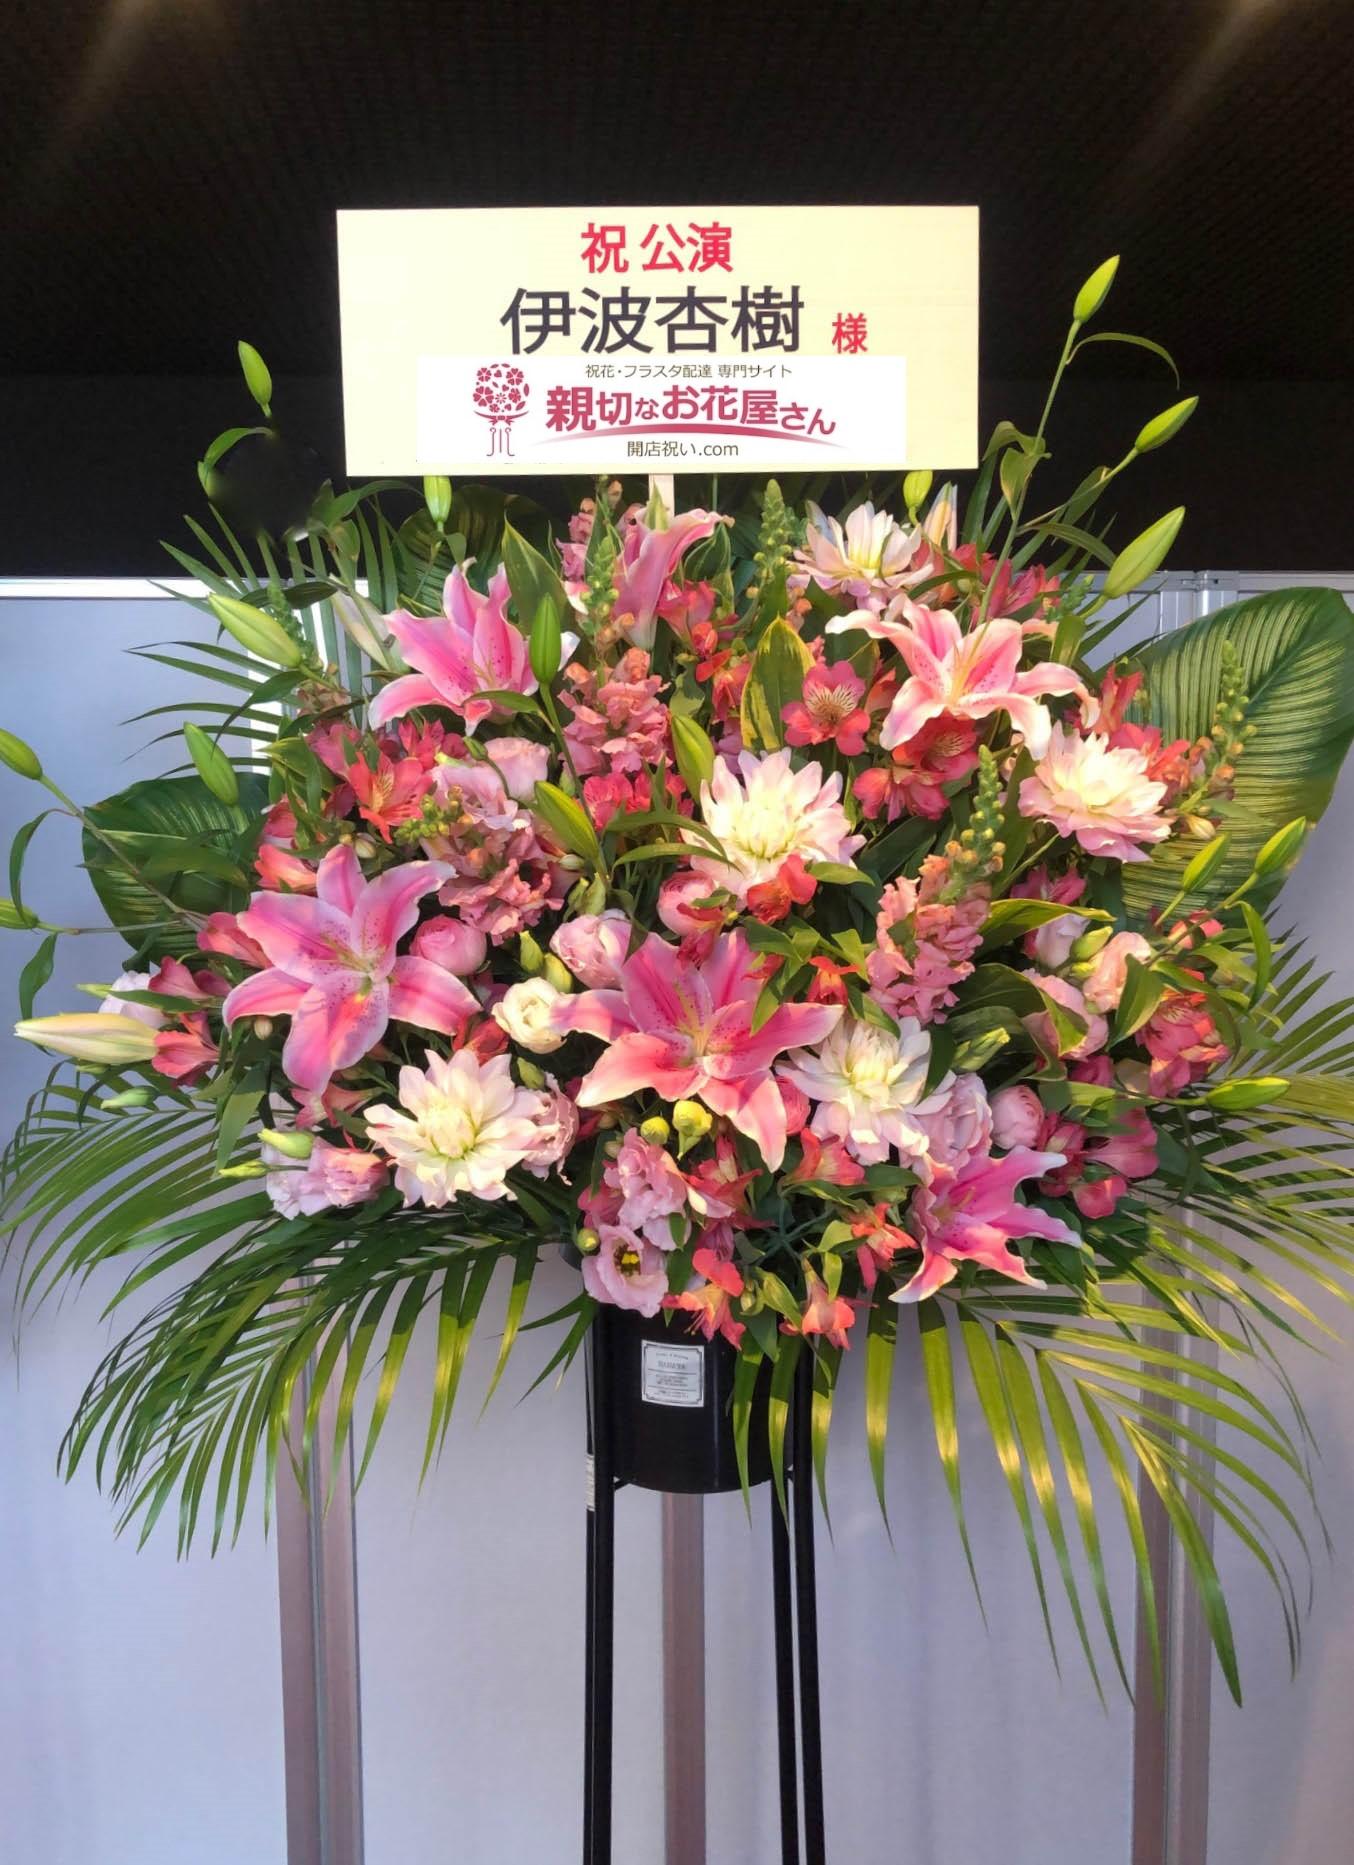 Ww 大阪 クール ホール ジャパン